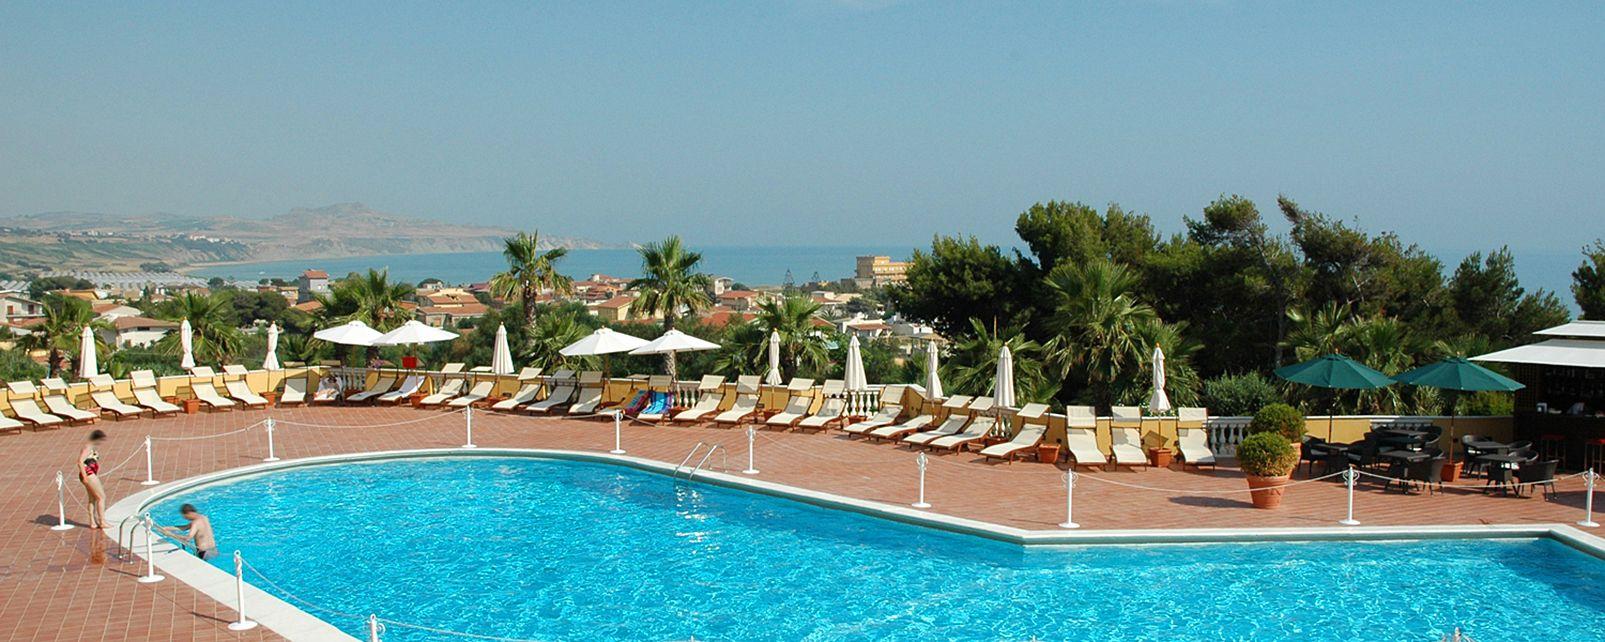 Hotel Baia di Ulisse